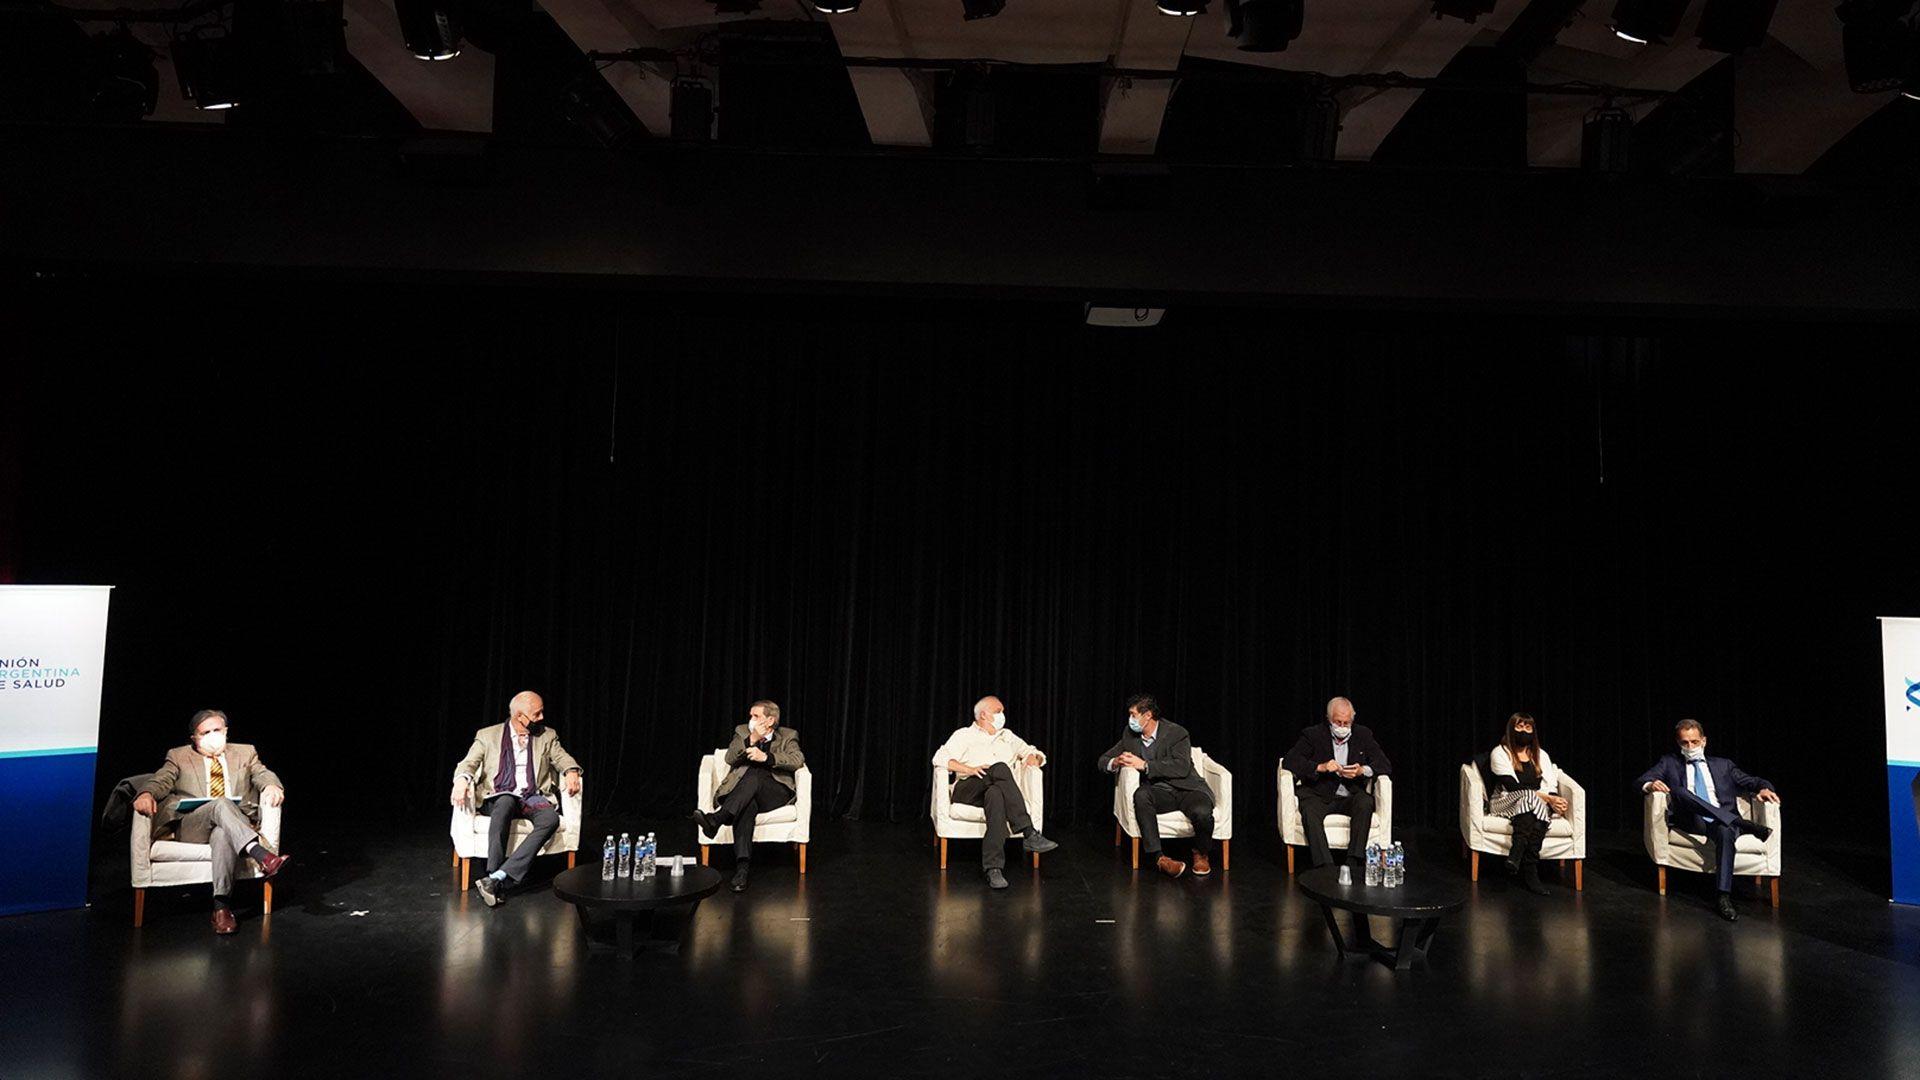 Conferencia de Unión Argentina de Salud